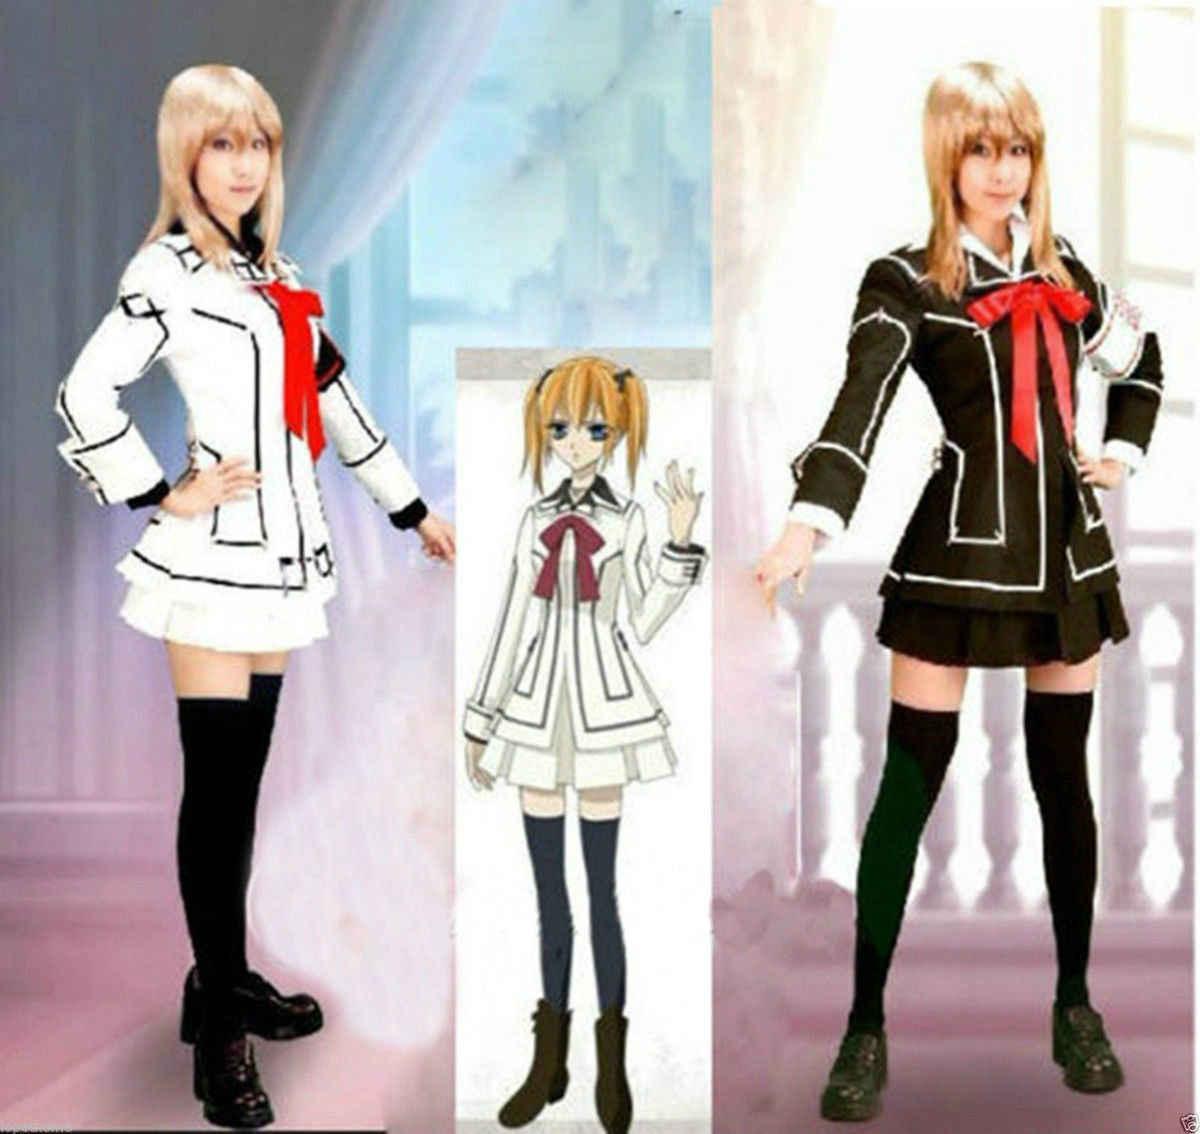 แวมไพร์อัศวินคอสเพลย์เครื่องแต่งกาย Yuki หรือสีดำสตรีสีขาวชุด uniform